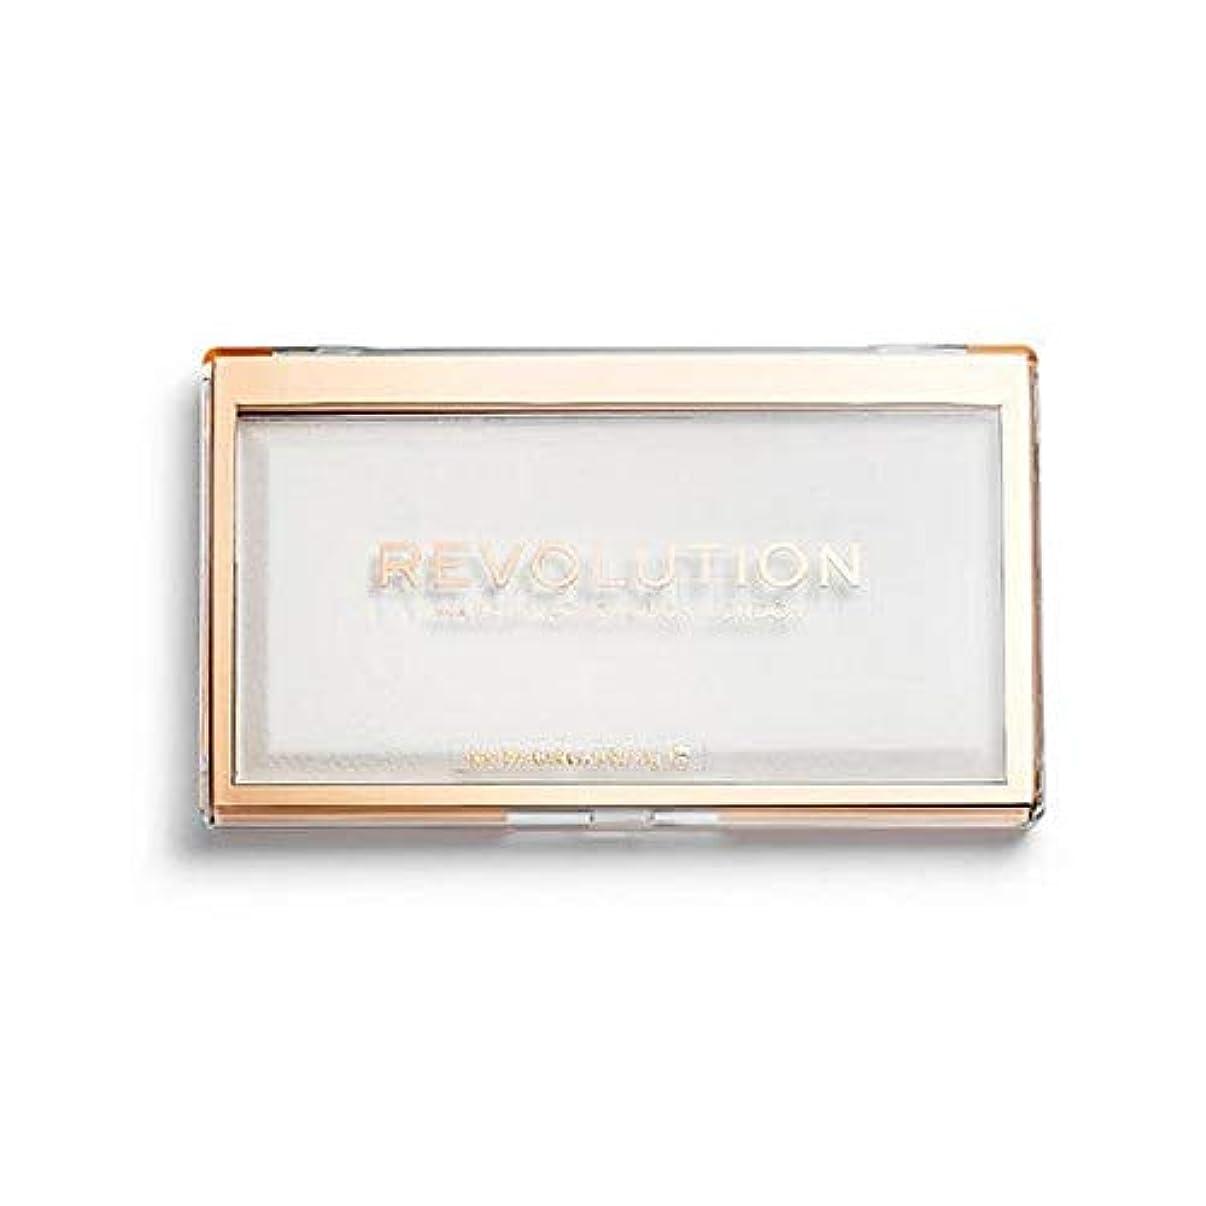 著者アテンダントパーティション[Revolution ] 回転マットベース粉末P0 - Revolution Matte Base Powder P0 [並行輸入品]